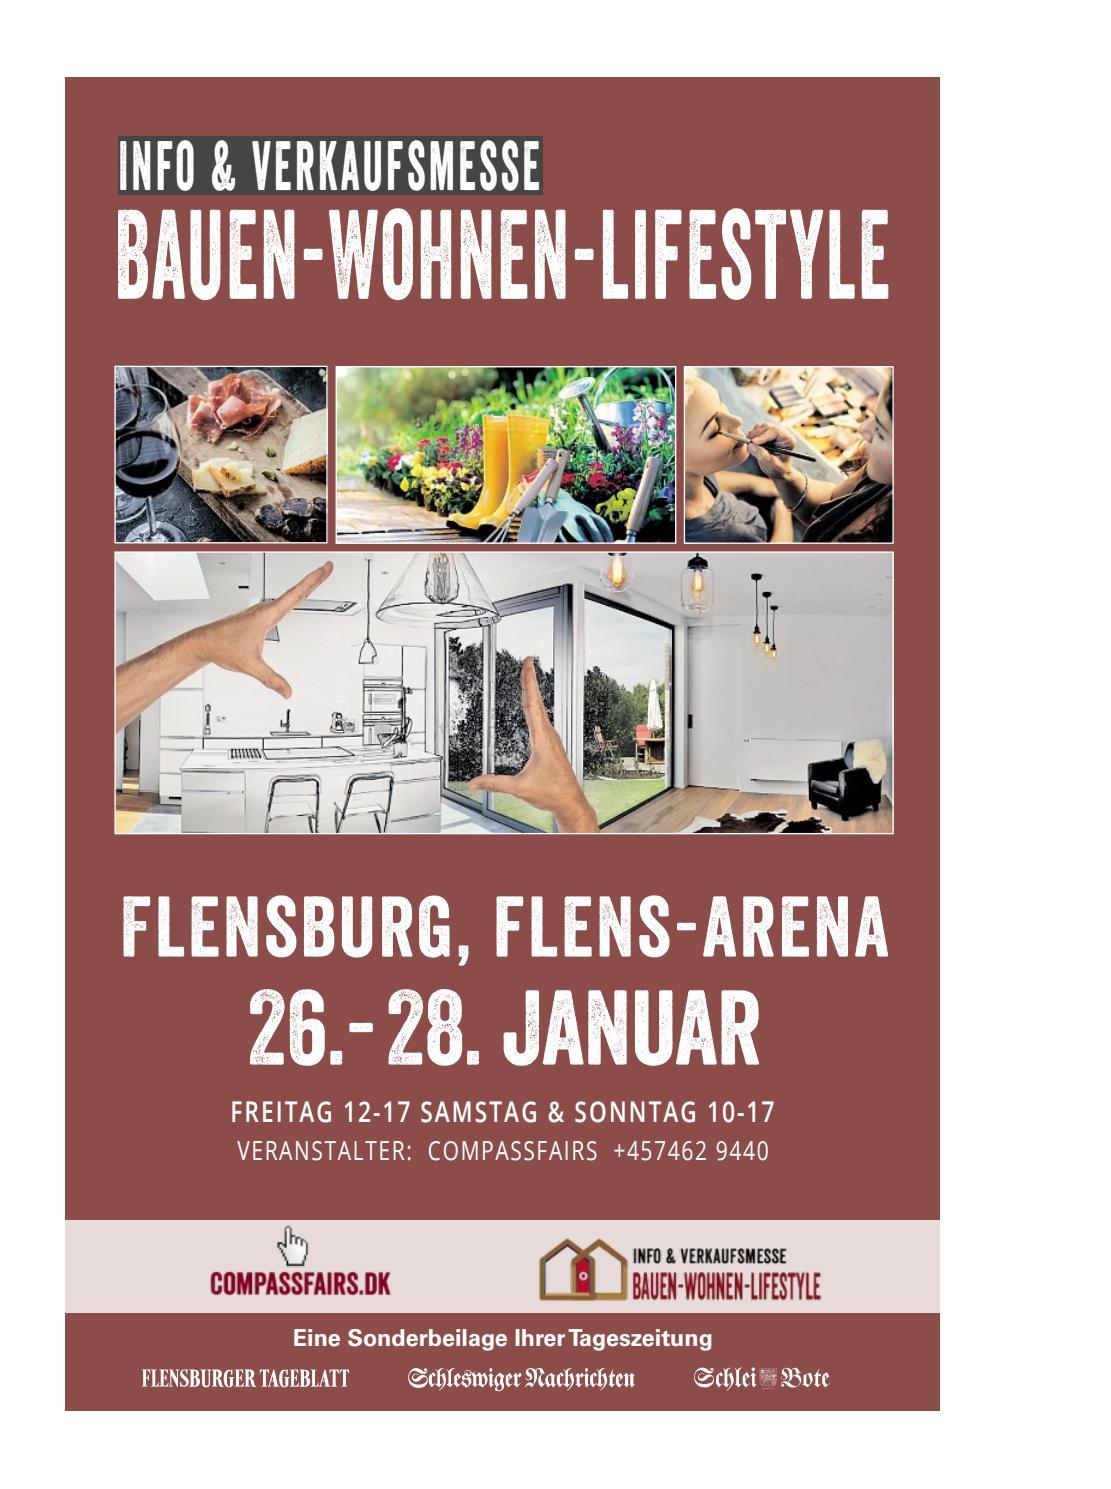 Flensburg 2018 bauen wohnen lifestyle Messe by CompassFairs - issuu